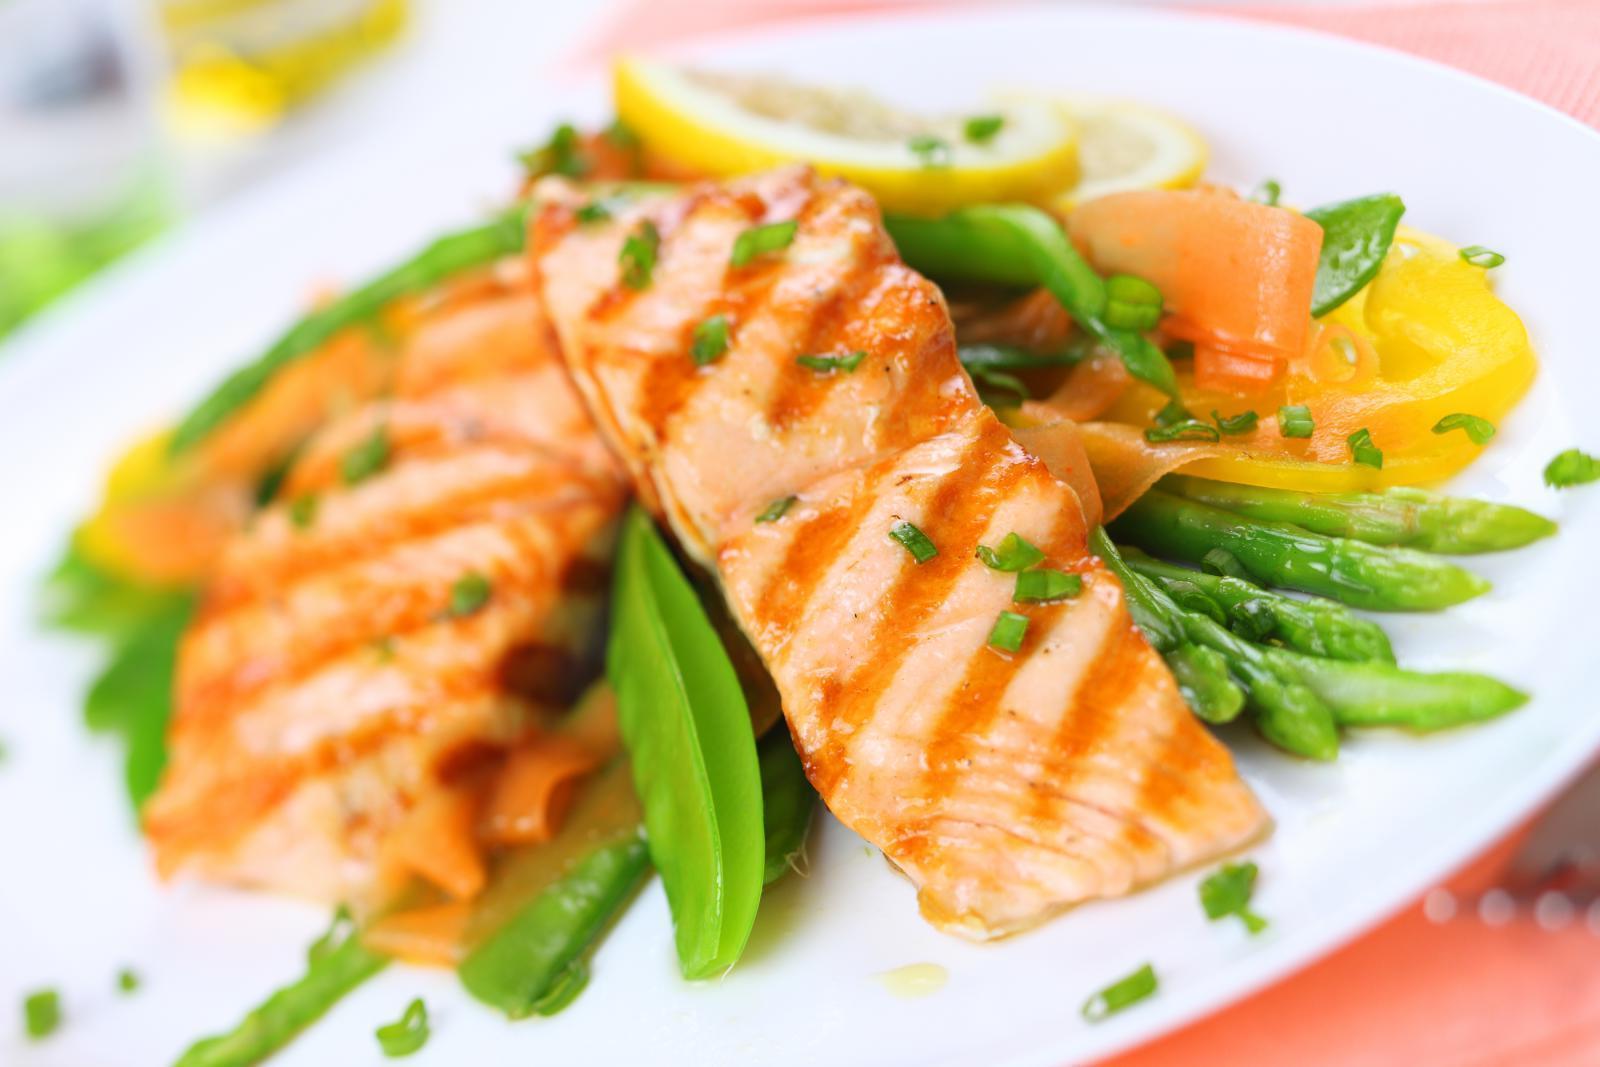 Dieta Montignac: O Que É, Como Funciona, e Alimentos Permitidos e Proibidos na Dieta Montignac